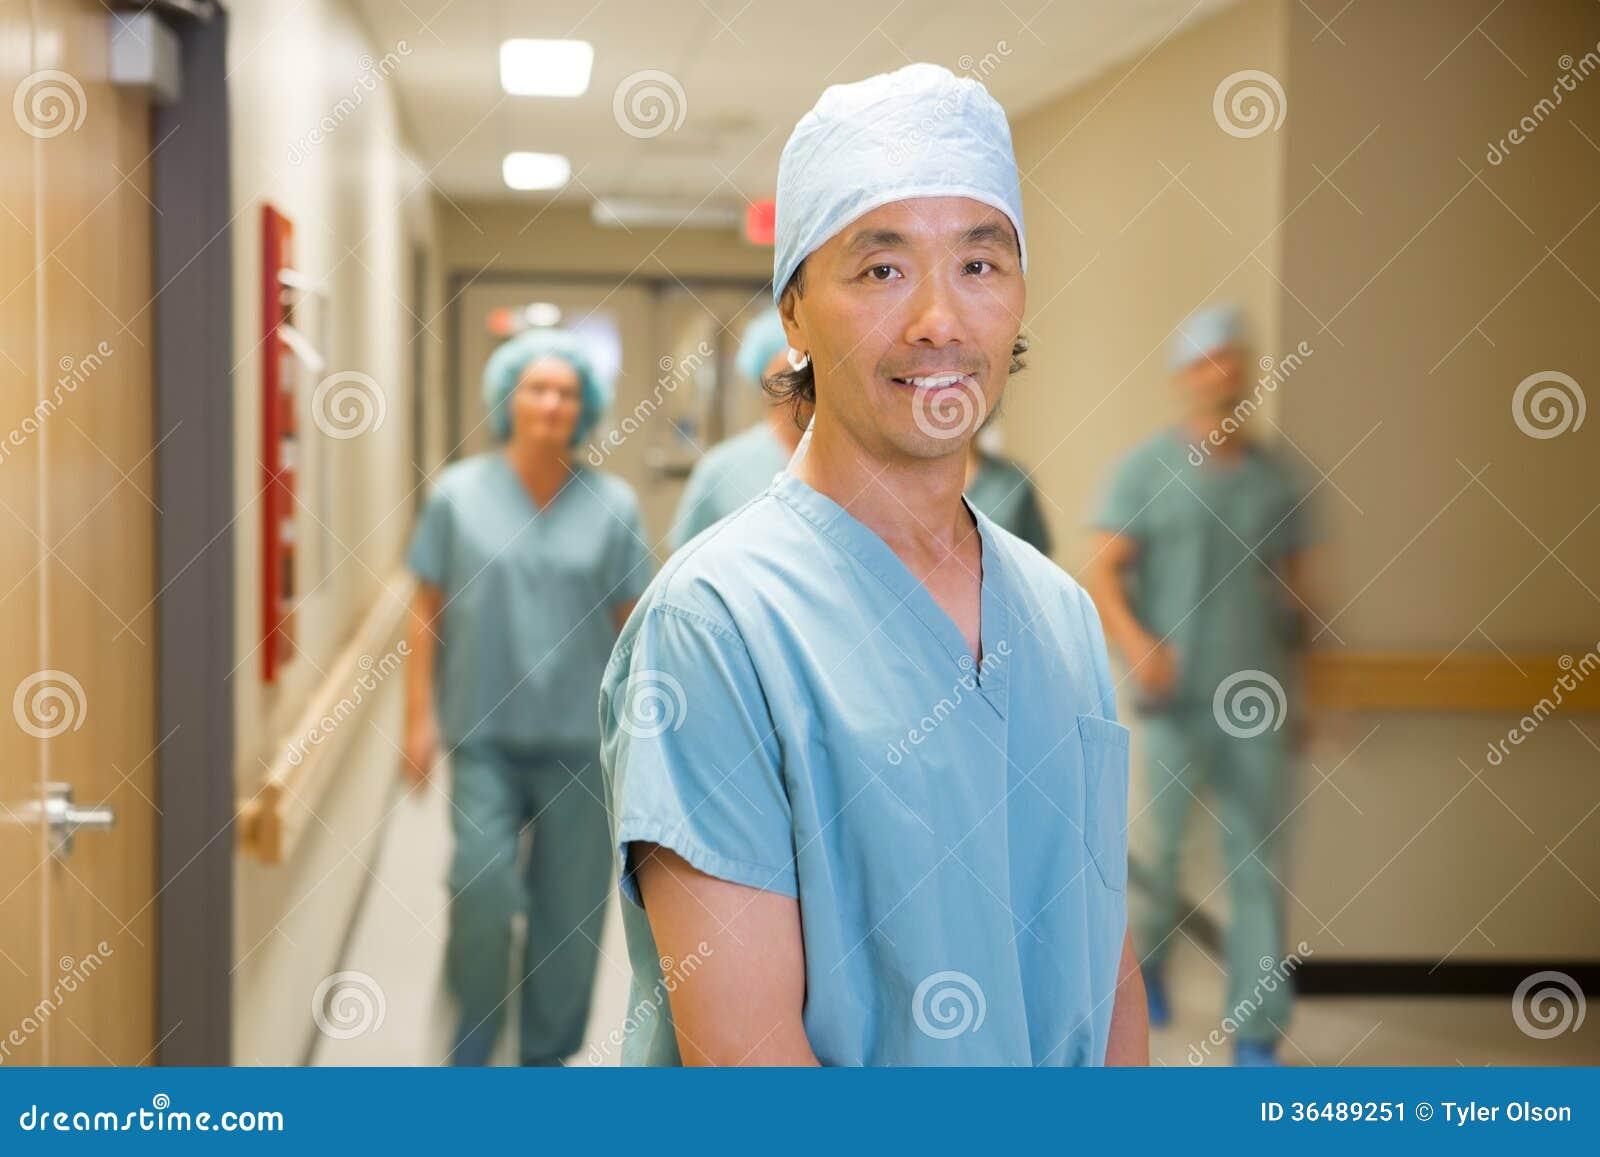 Lekarka Z zaopatrzenia medycznego odprowadzeniem W szpitalu